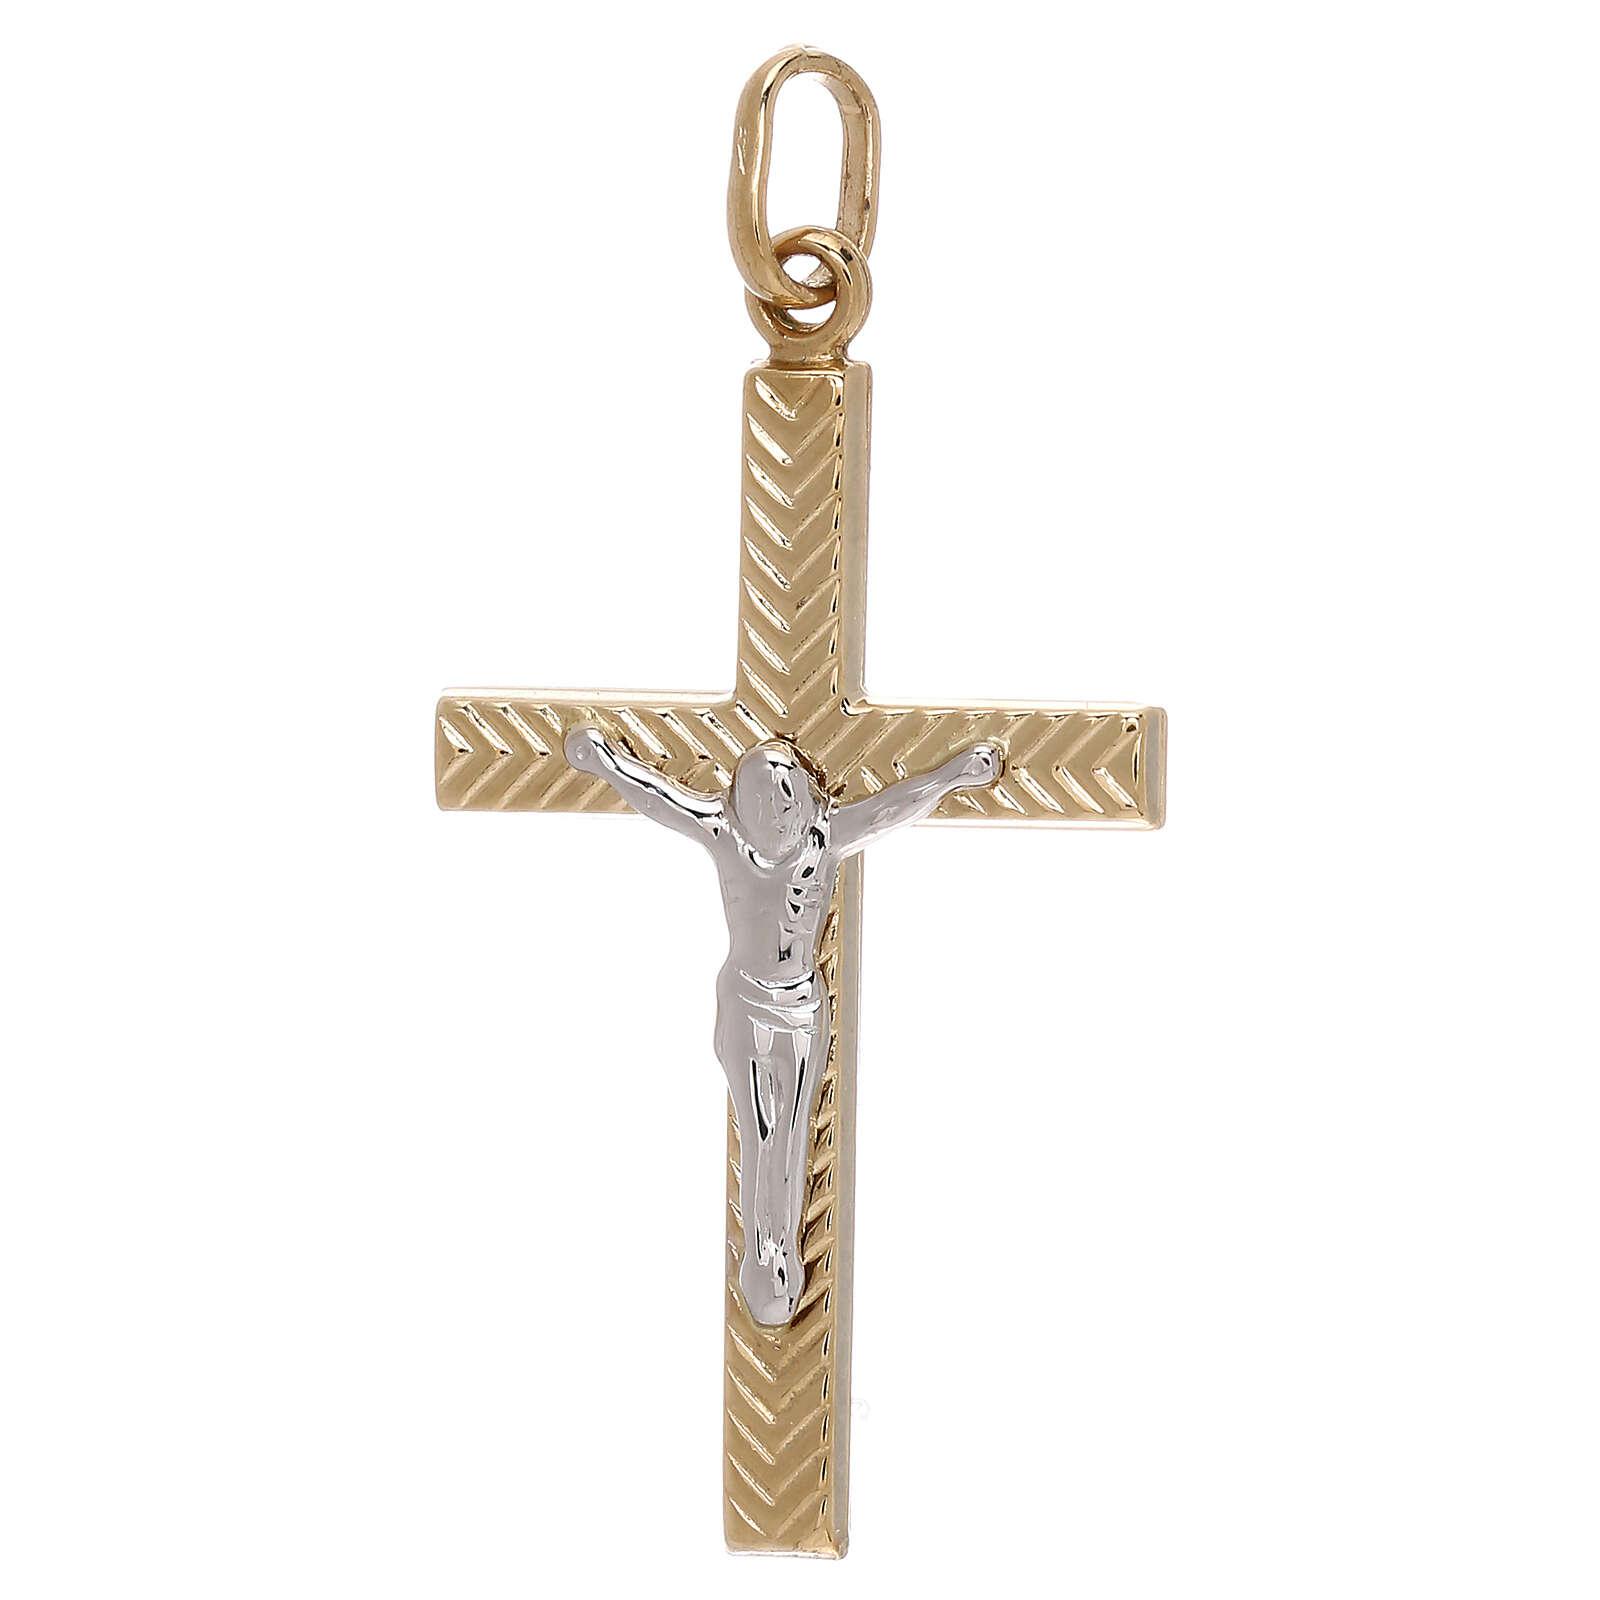 Pendente croce Cristo decoro righe oro 18 kt 1,25 gr 4